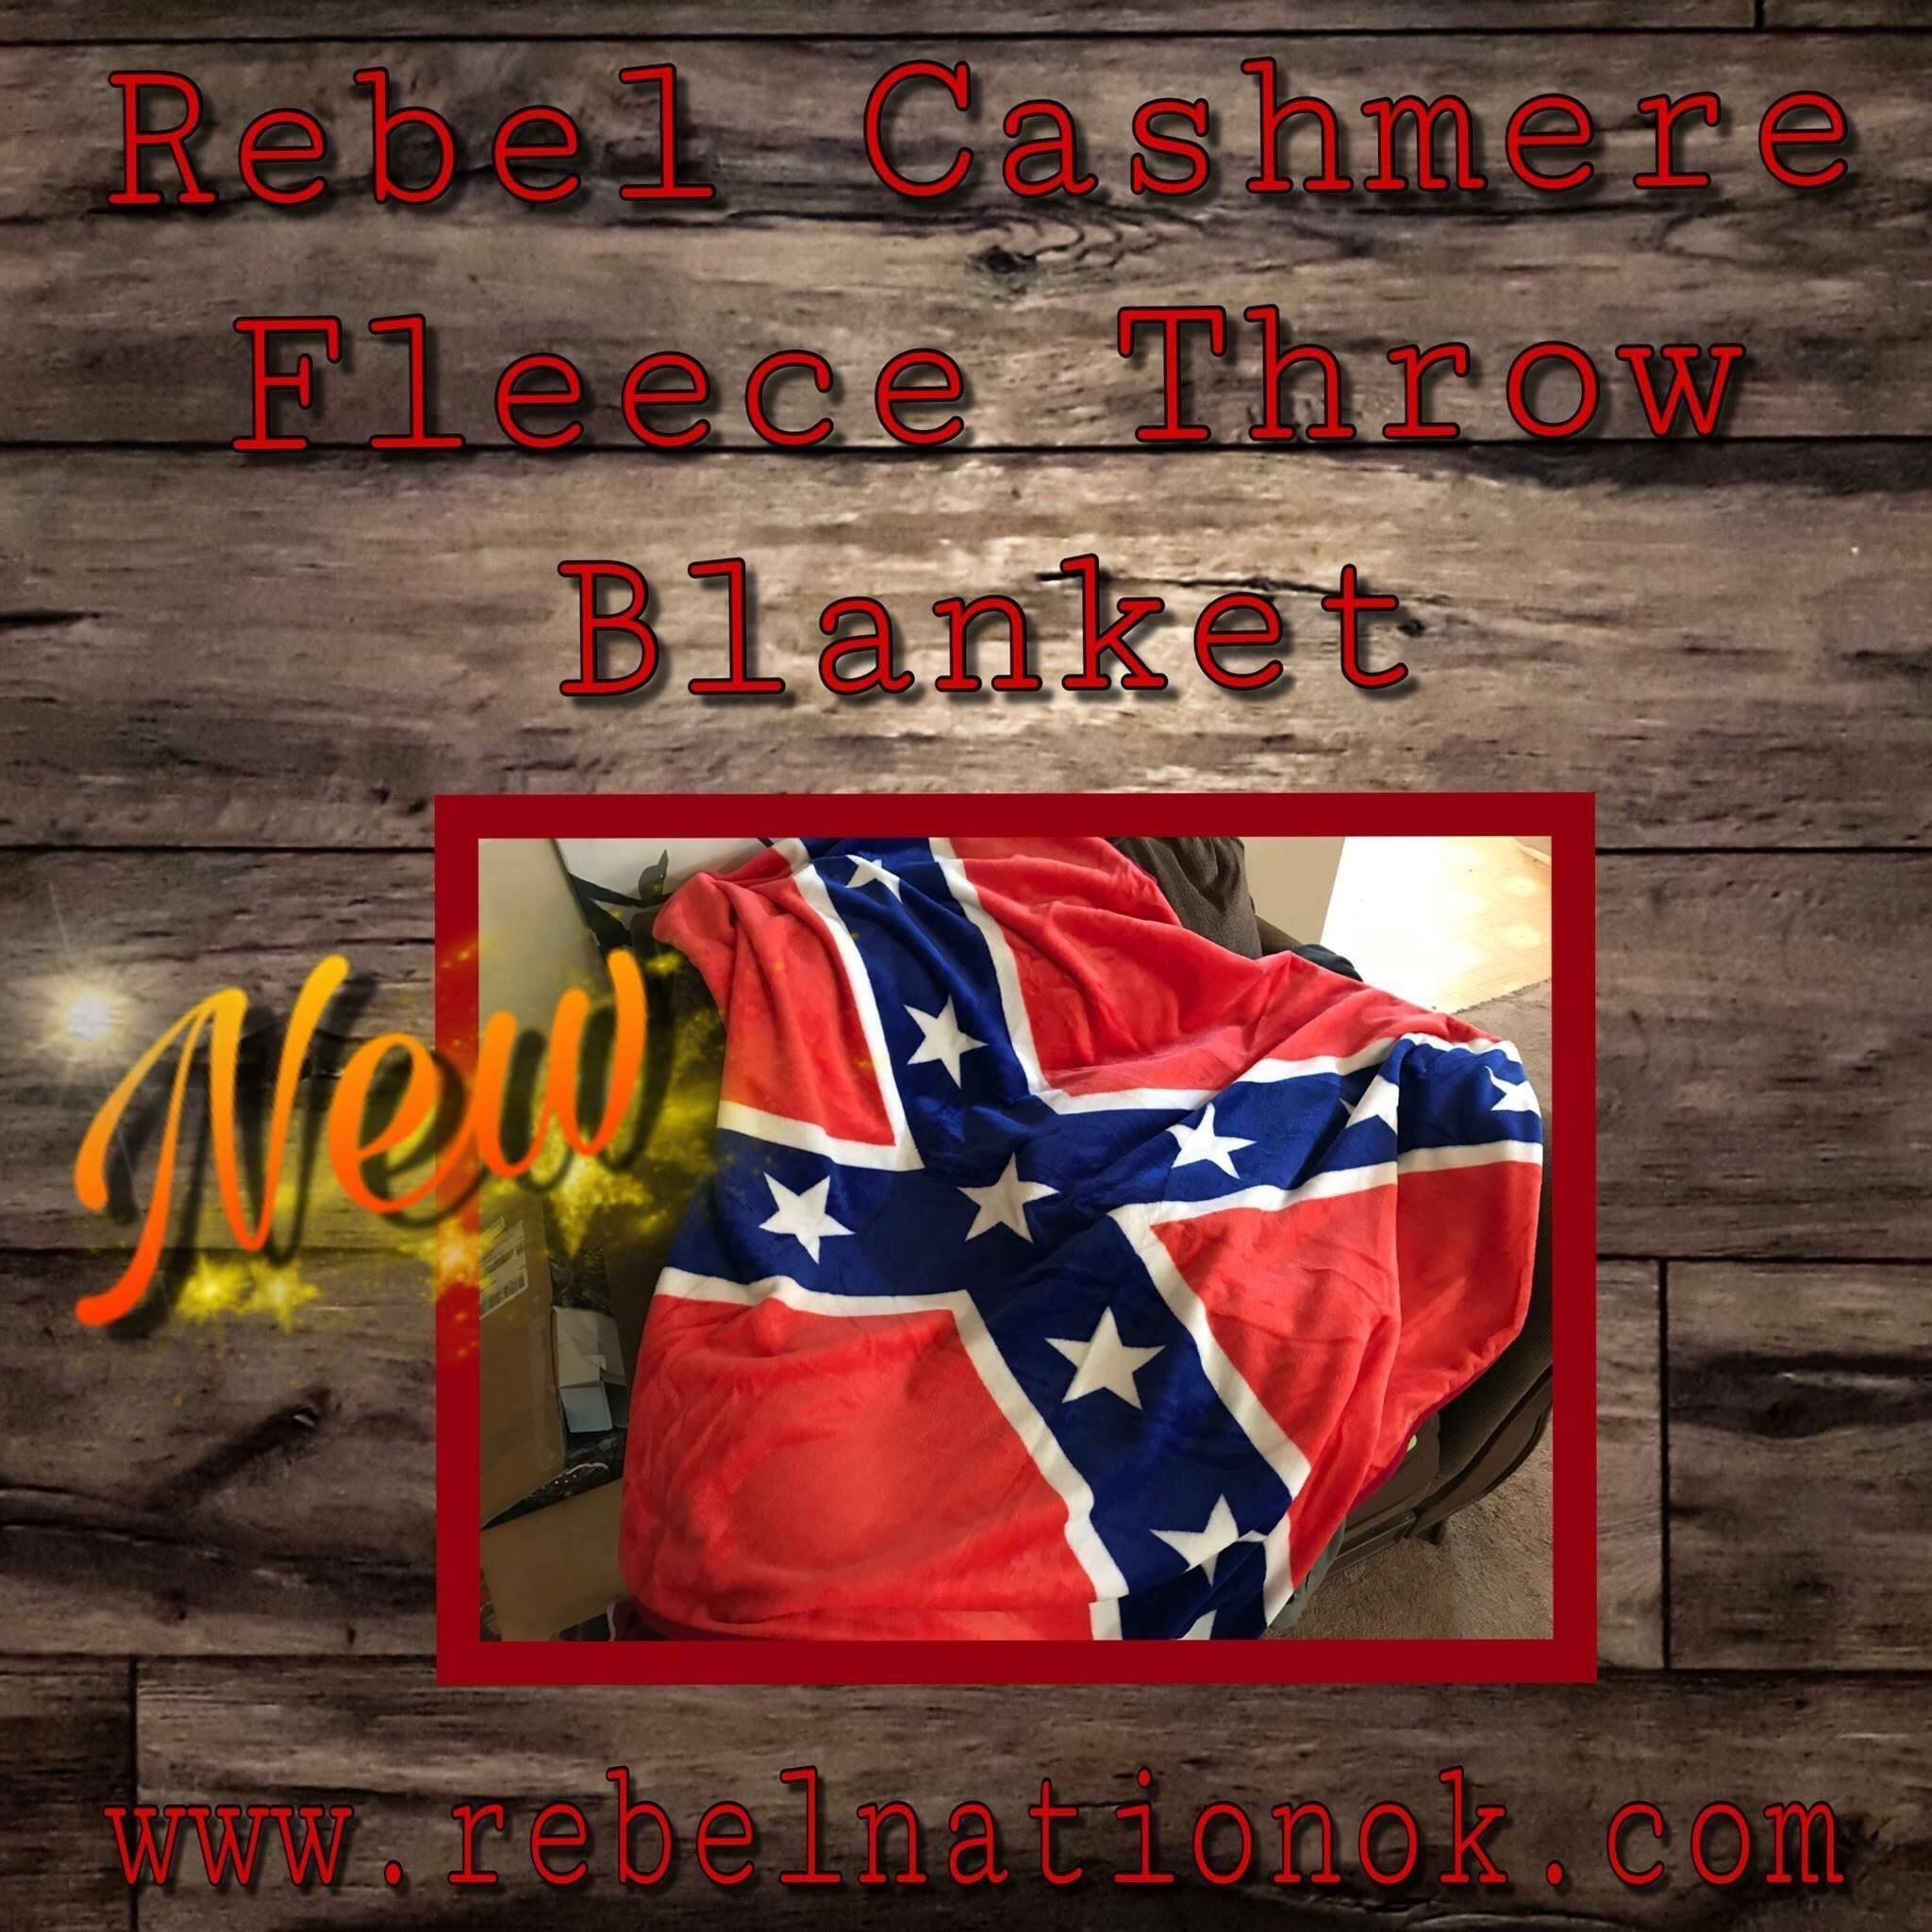 Rebel Cashmere Fleece Throw Blanket